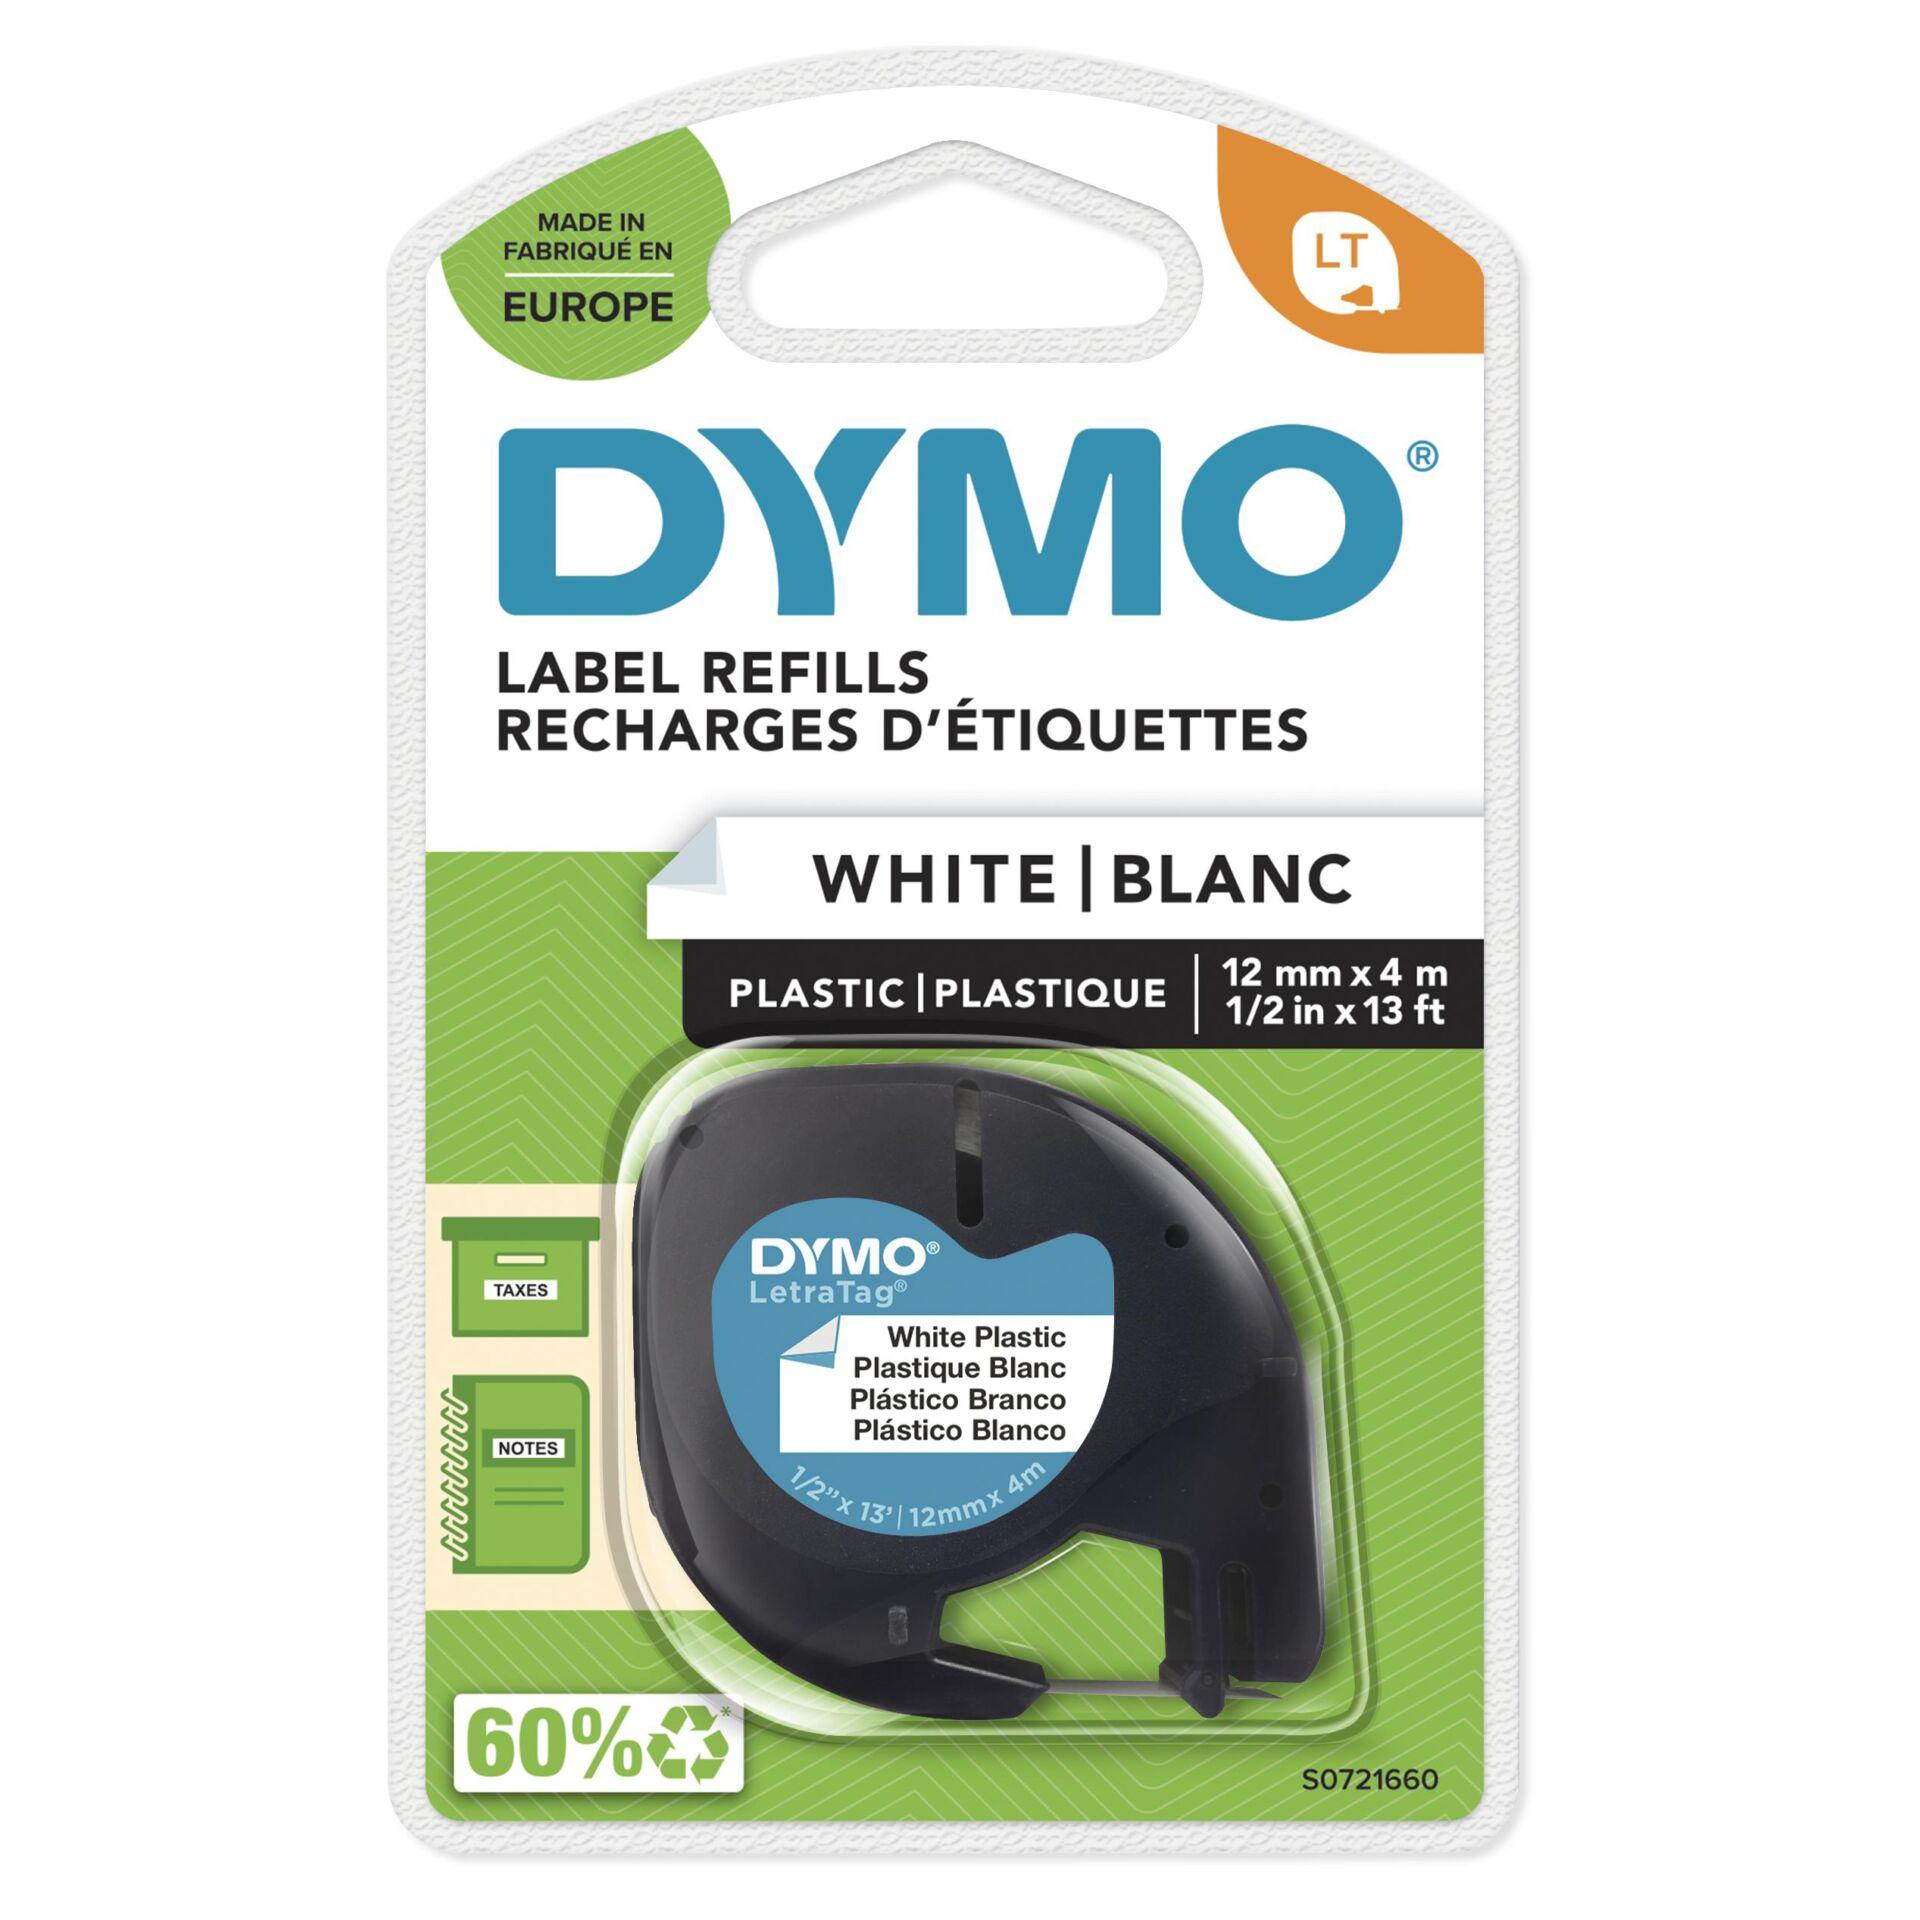 Dymo Letratag Band Plastik weiß 12 mm x 4 m           91221